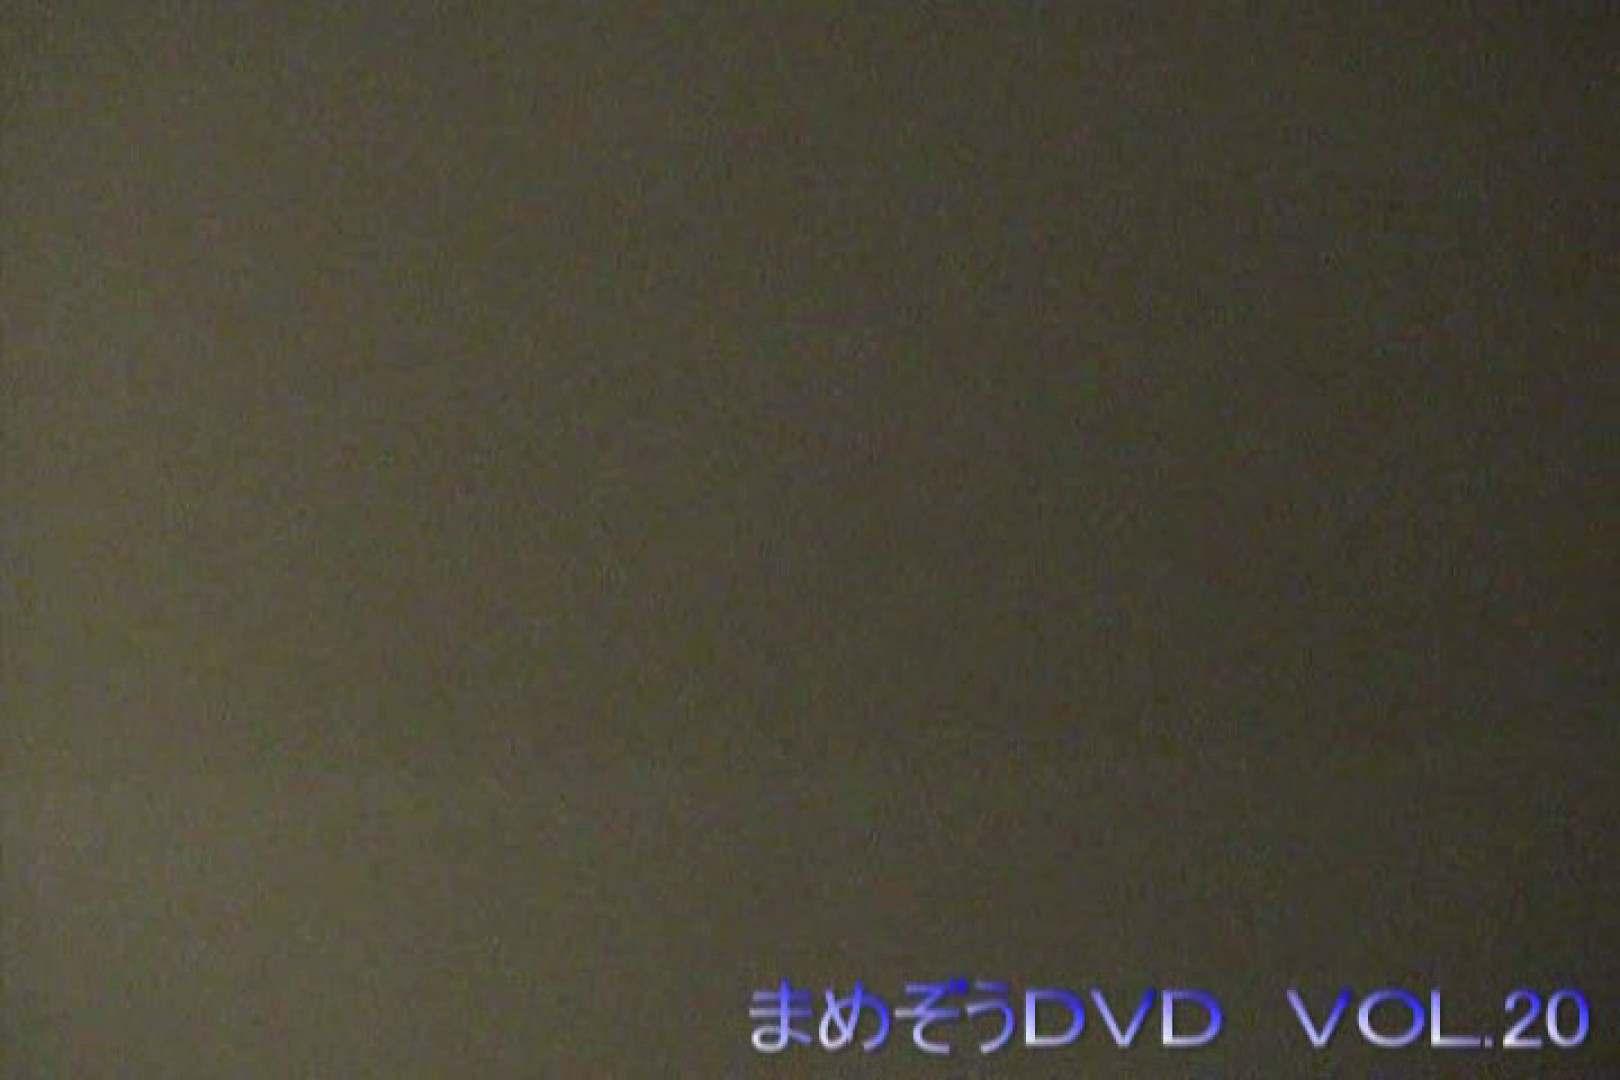 まめぞうDVD完全版VOL.20 OLの実態  75pic 46